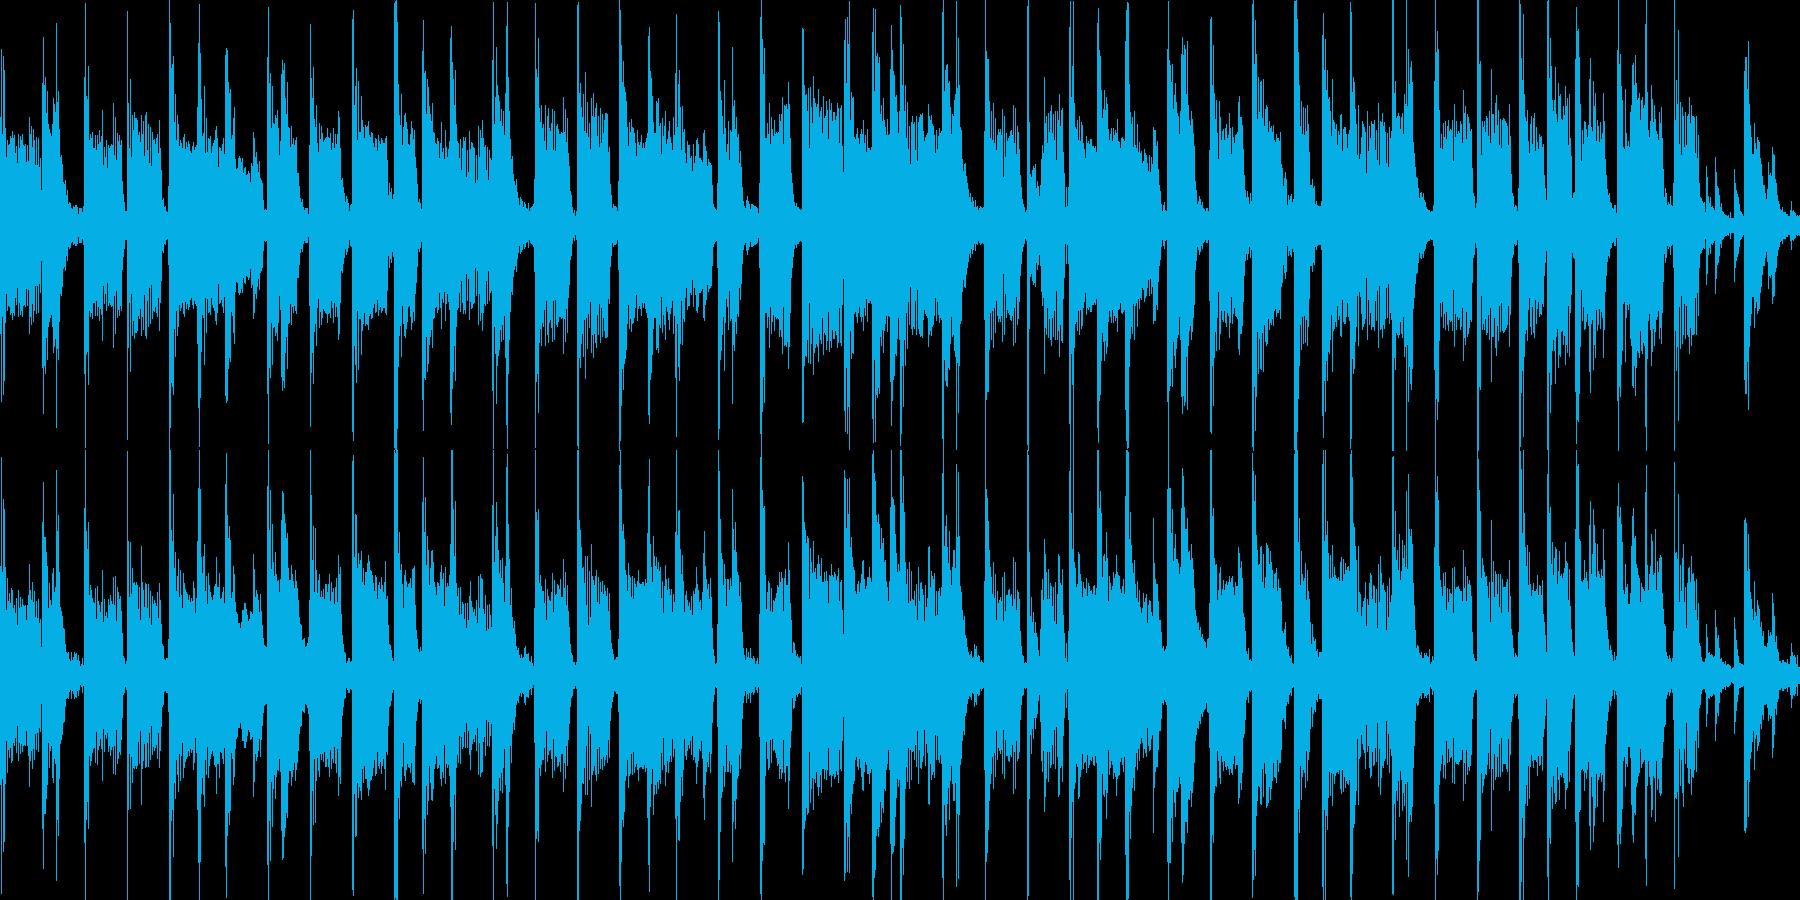 パズルゲームメニュー画面(ループ仕様)の再生済みの波形